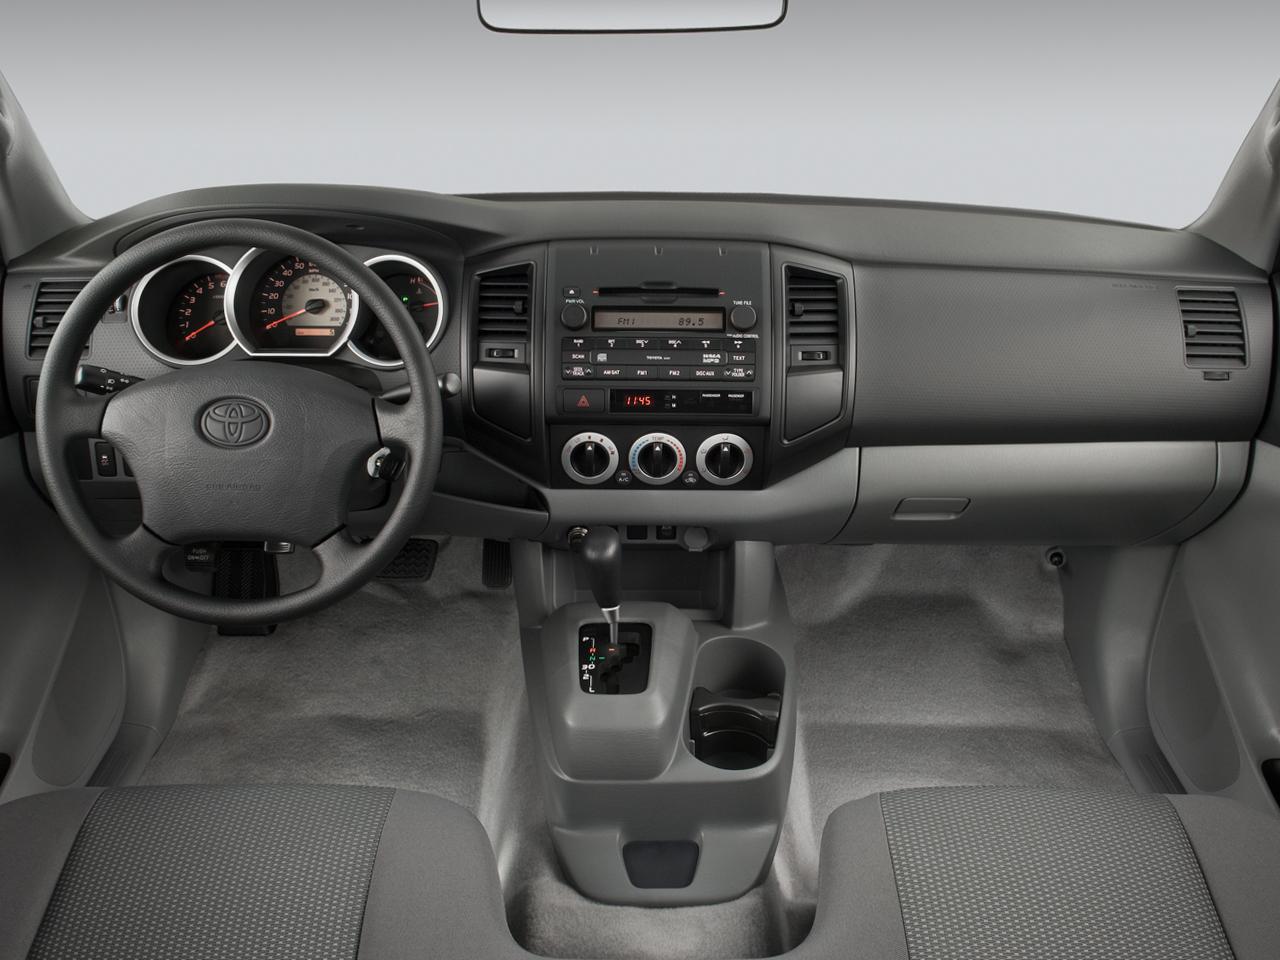 Toyota Tacoma Regular Cab I4 Automatic